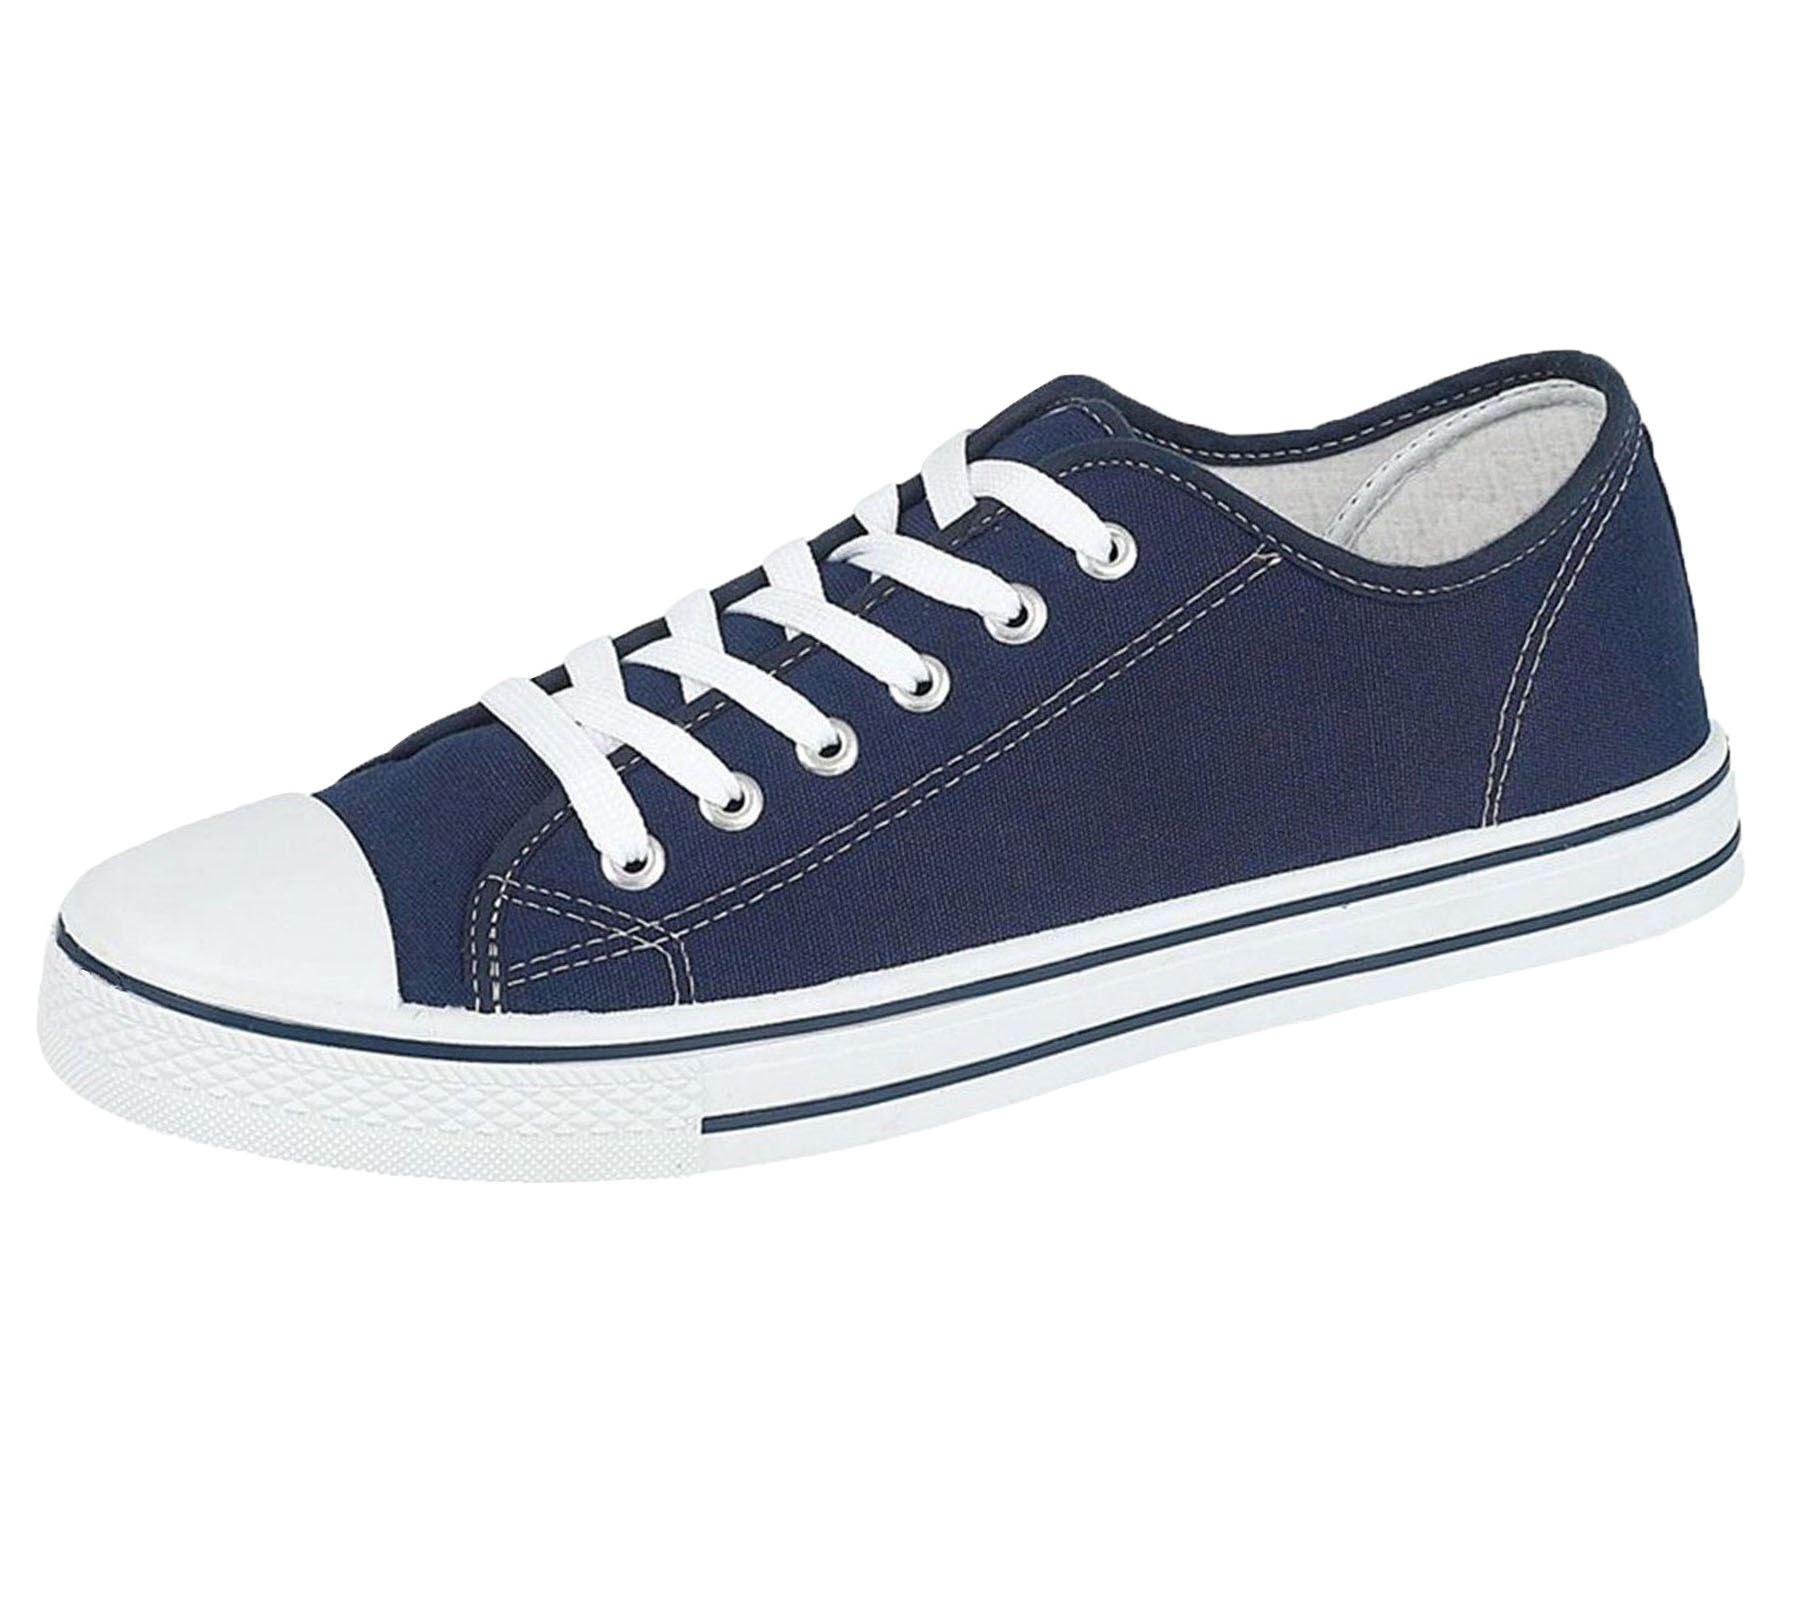 Mens-Canvas-Shoes-Plimsole-Trainer-Pumps-Lace-Up-Flat-Shoes miniatura 3